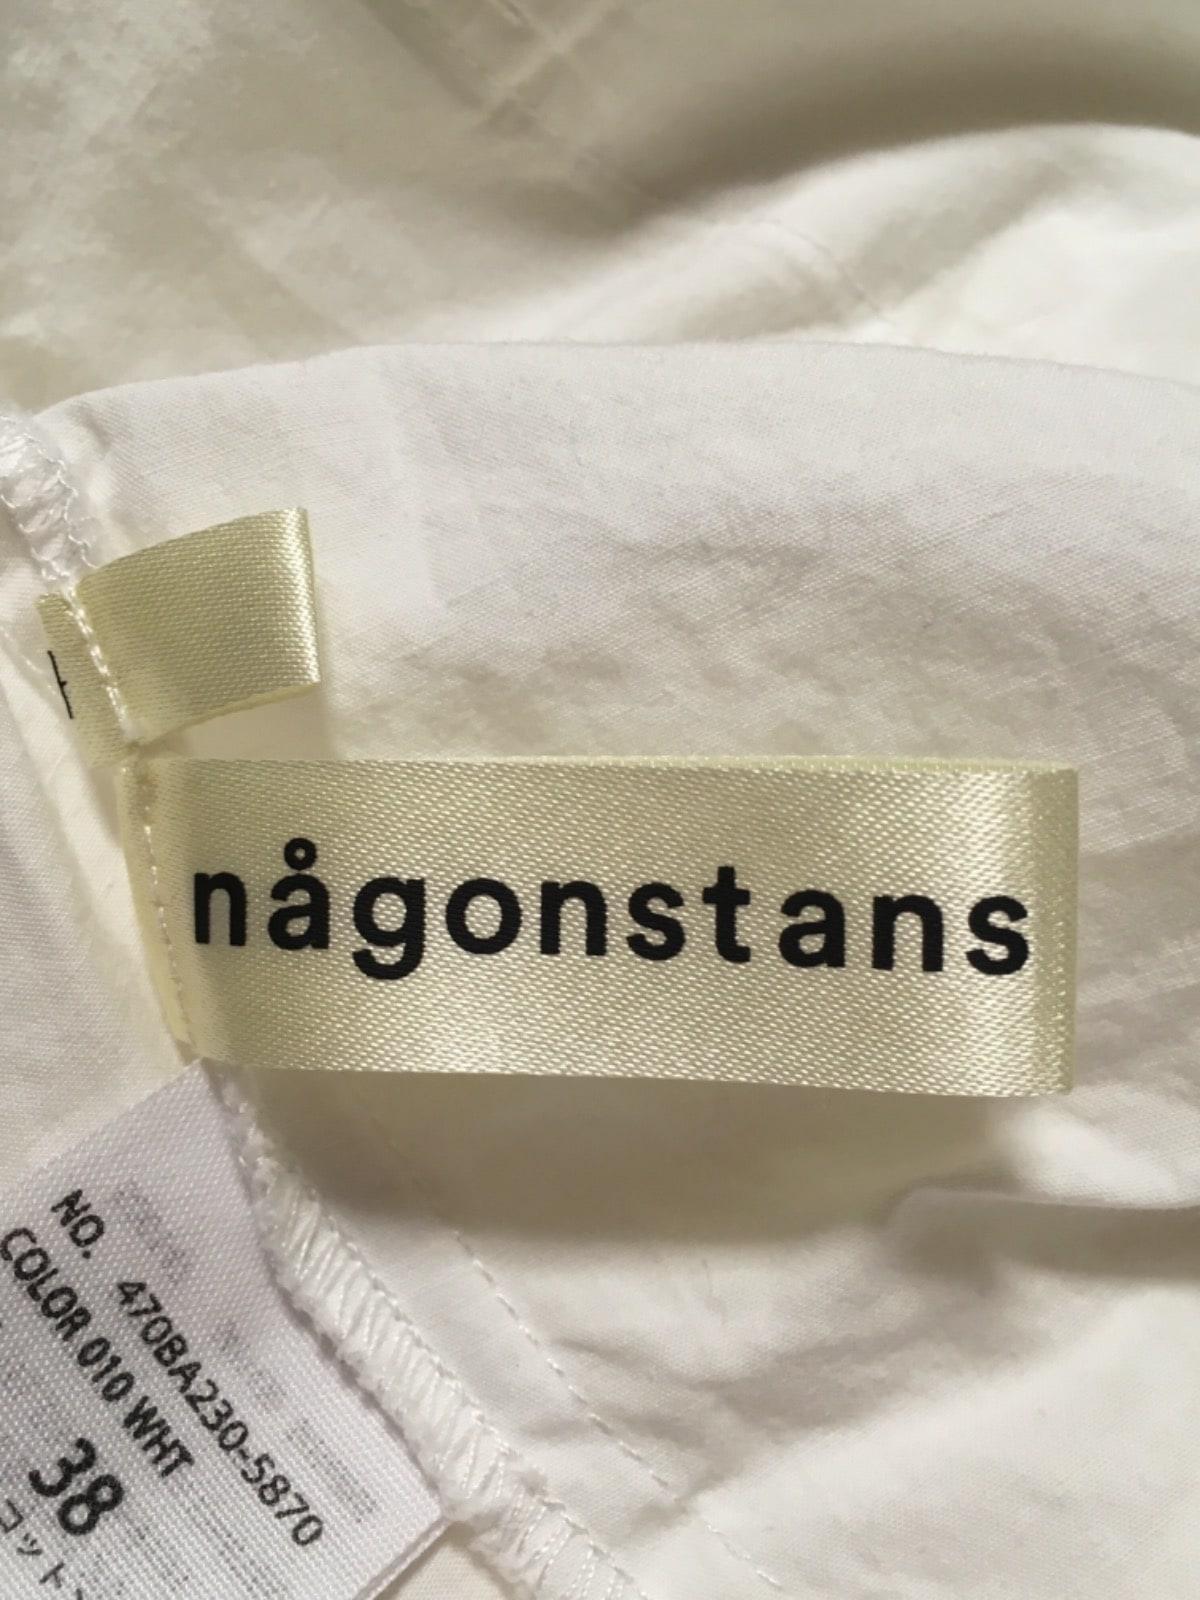 nagonstans(ナゴンスタンス)のシャツブラウス